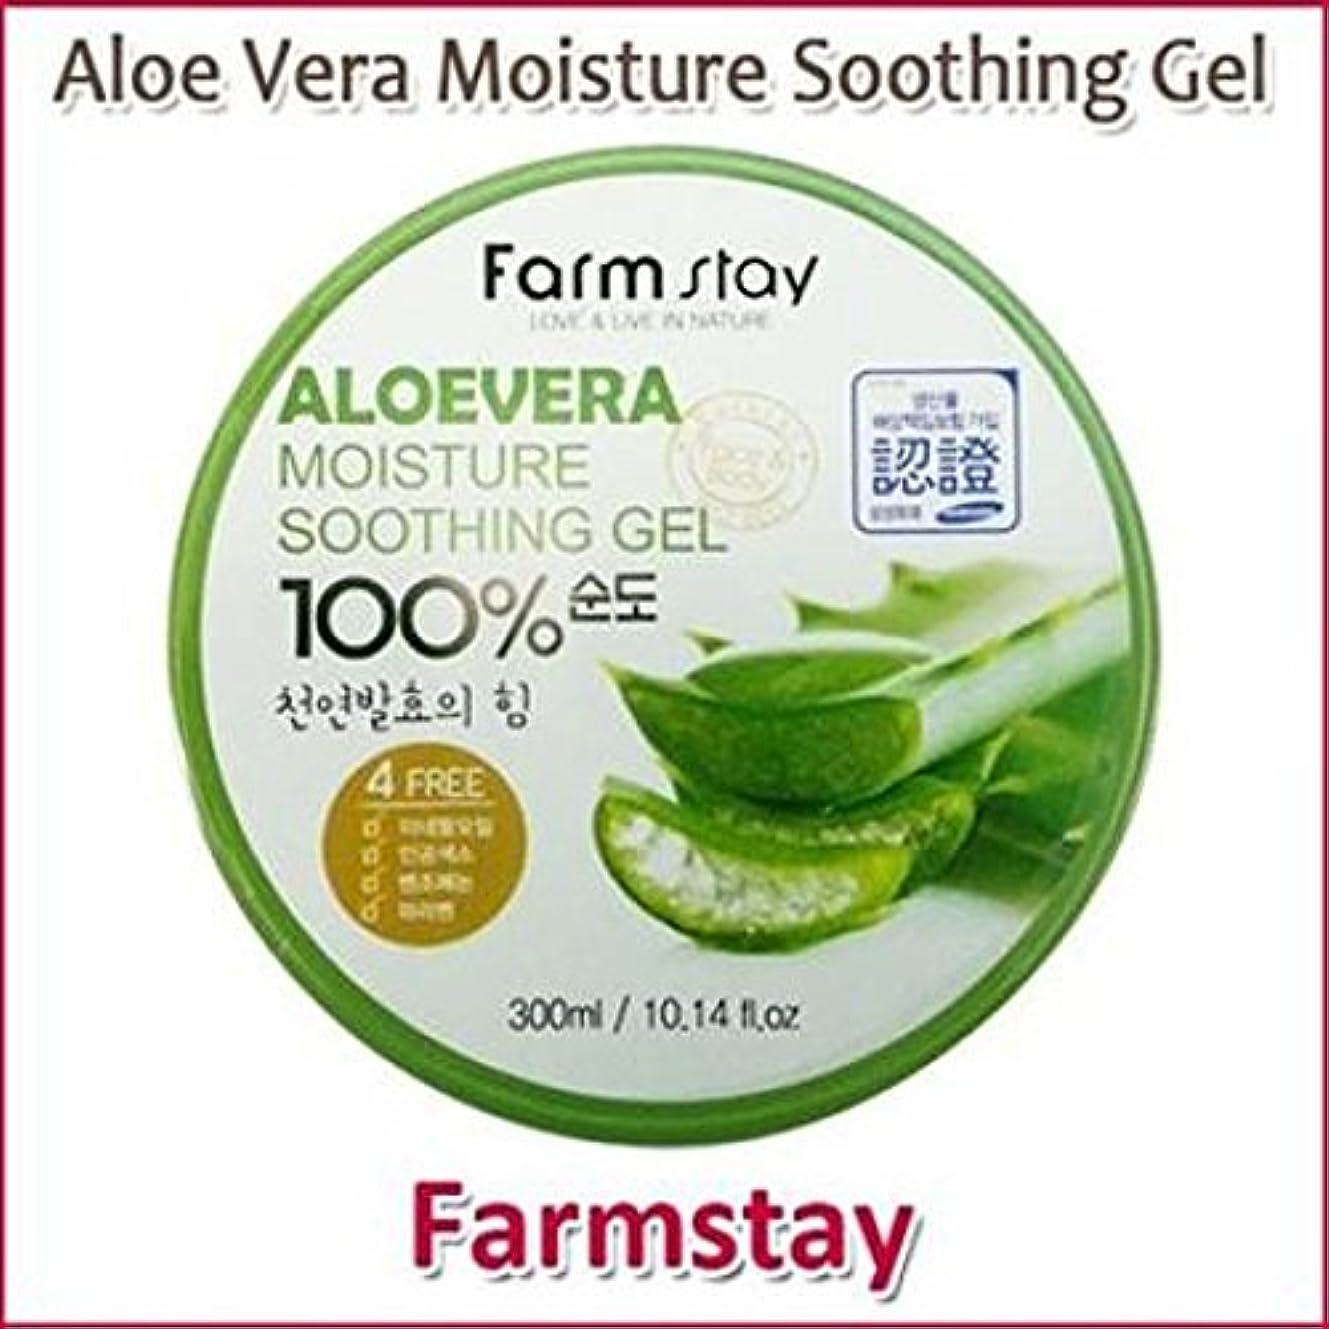 させる貢献笑いFarm Stay Aloe Vera Moisture Soothing Gel 300ml /オーガニック アロエベラゲル 100%/保湿ケア/韓国コスメ/Aloe Vera 100% /Moisturizing [...